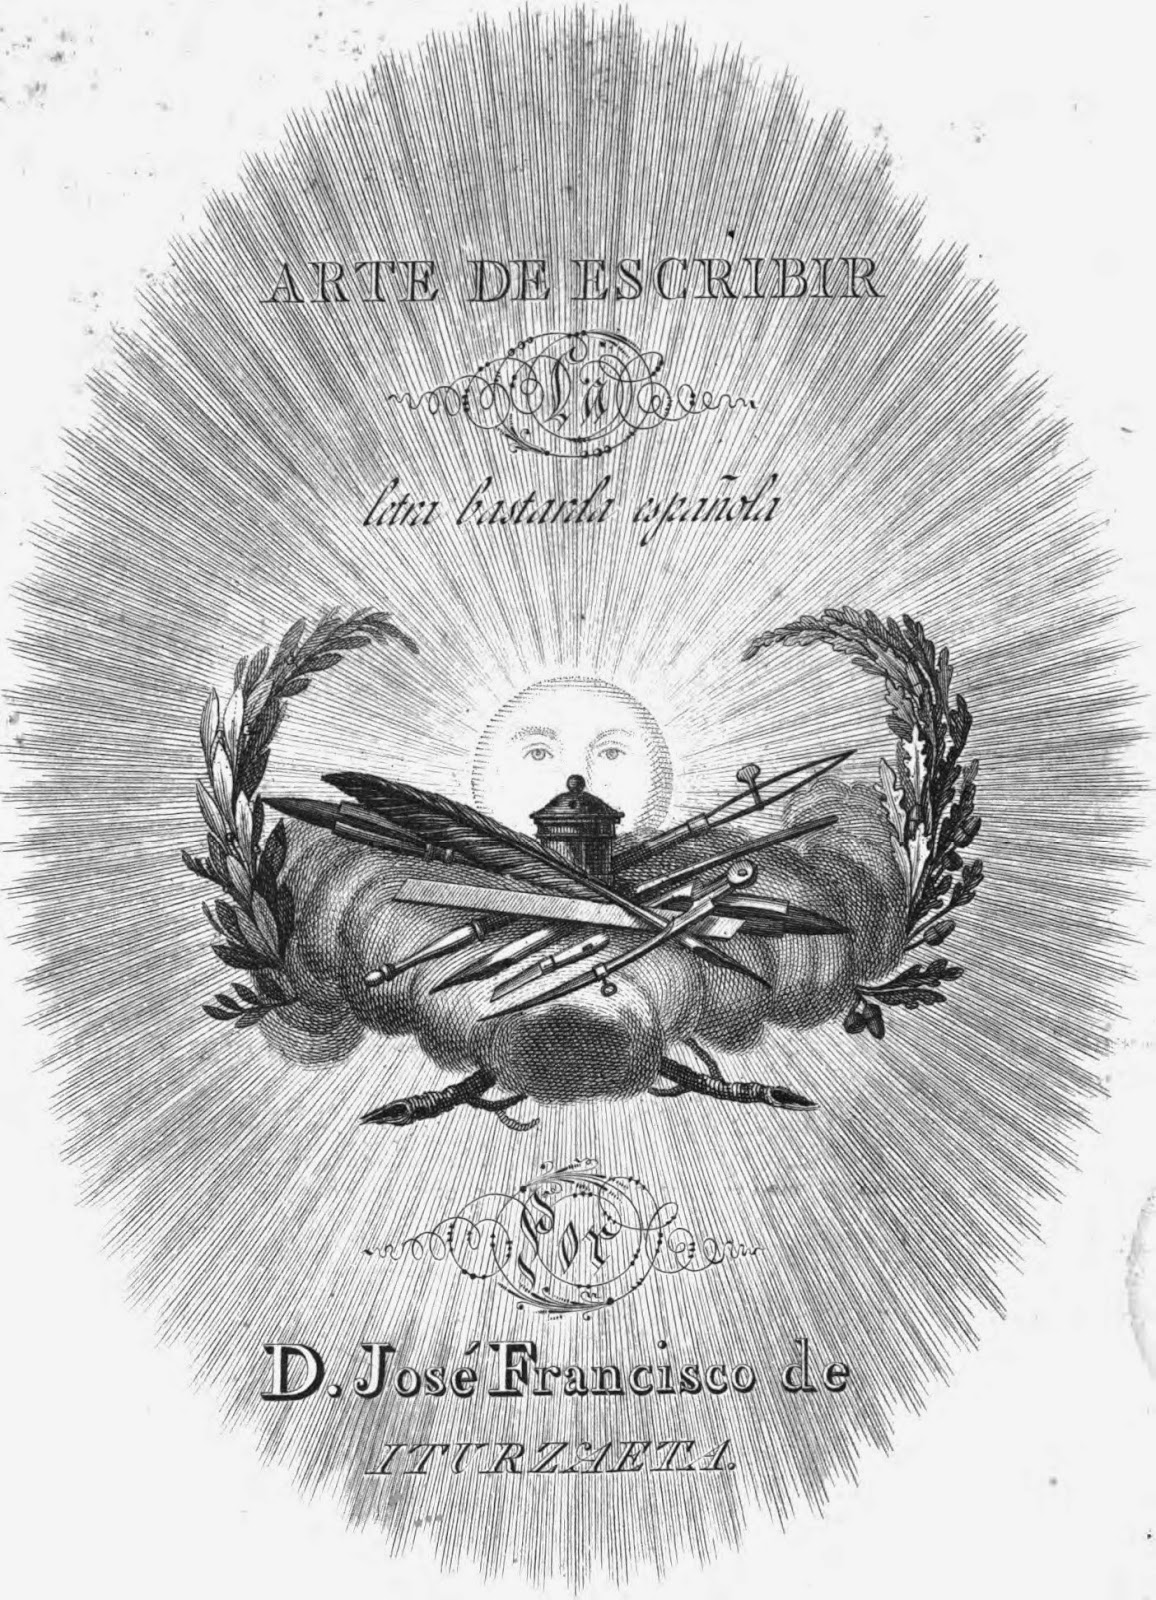 Arte de escribir la letra bastarda española (José Francisco de Iturzaeta) (1827).pdf 4.9 MB